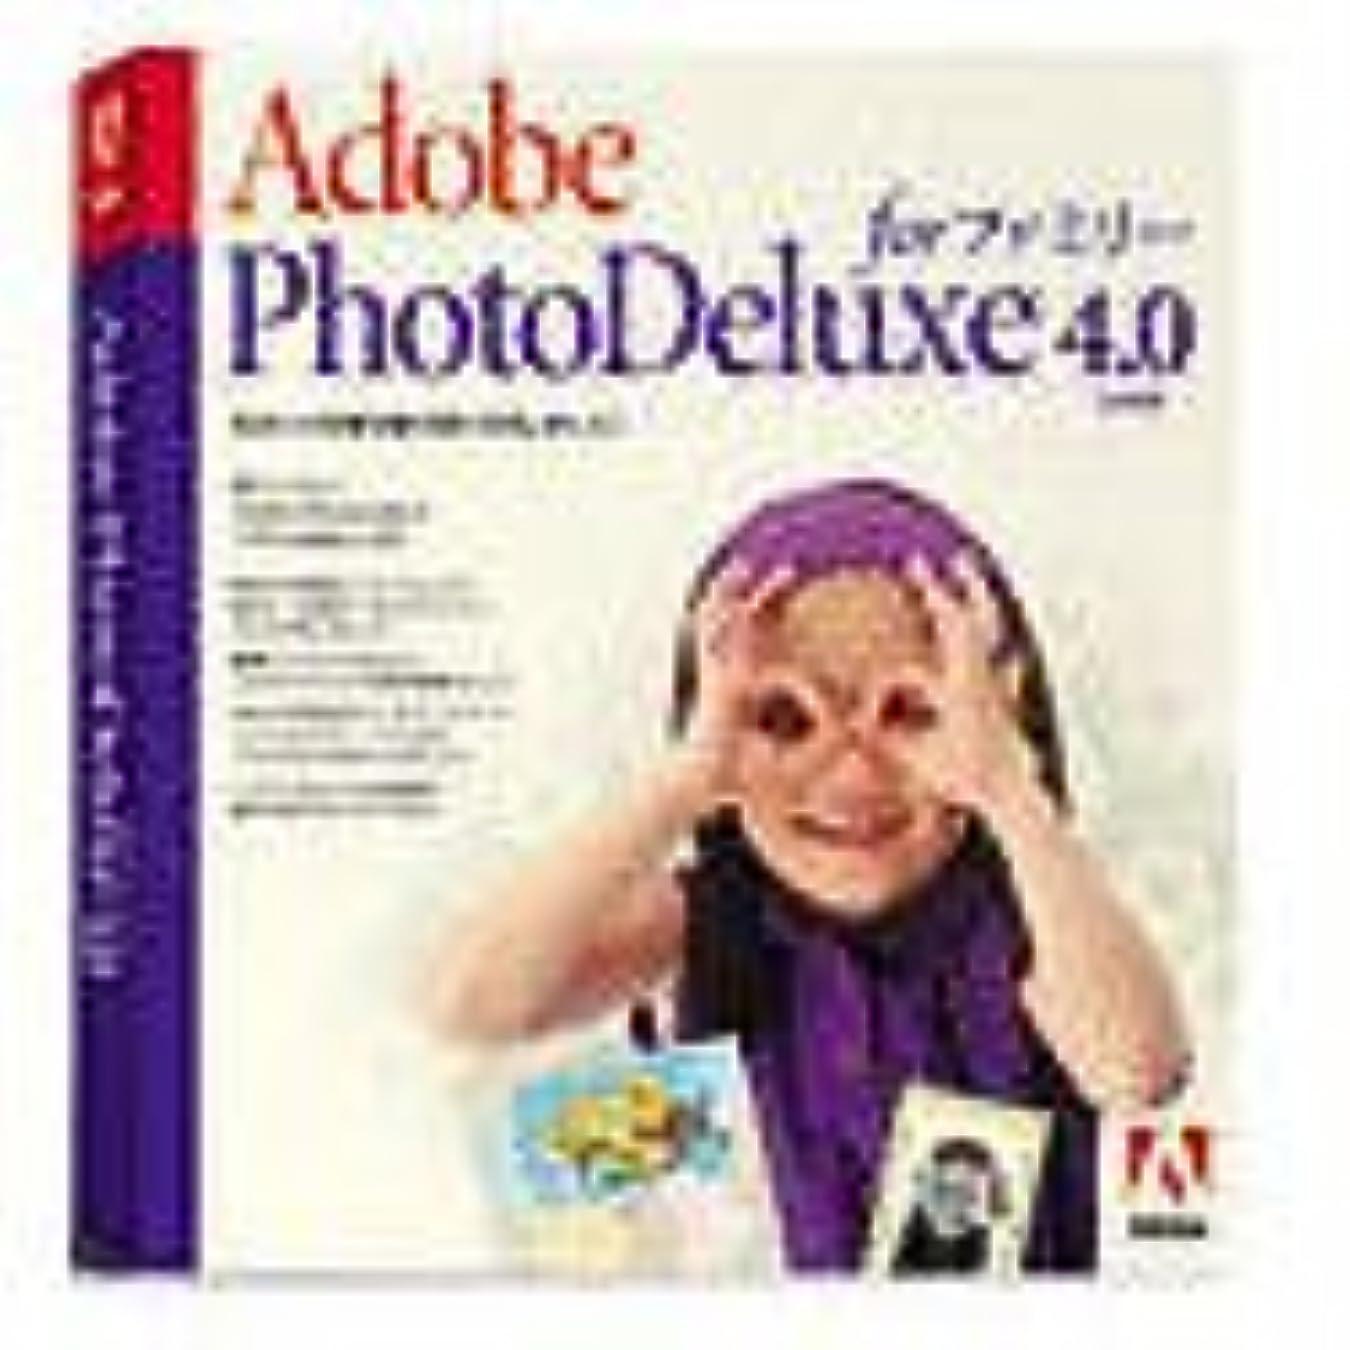 PhotoDeluxe for ファミリー4.0